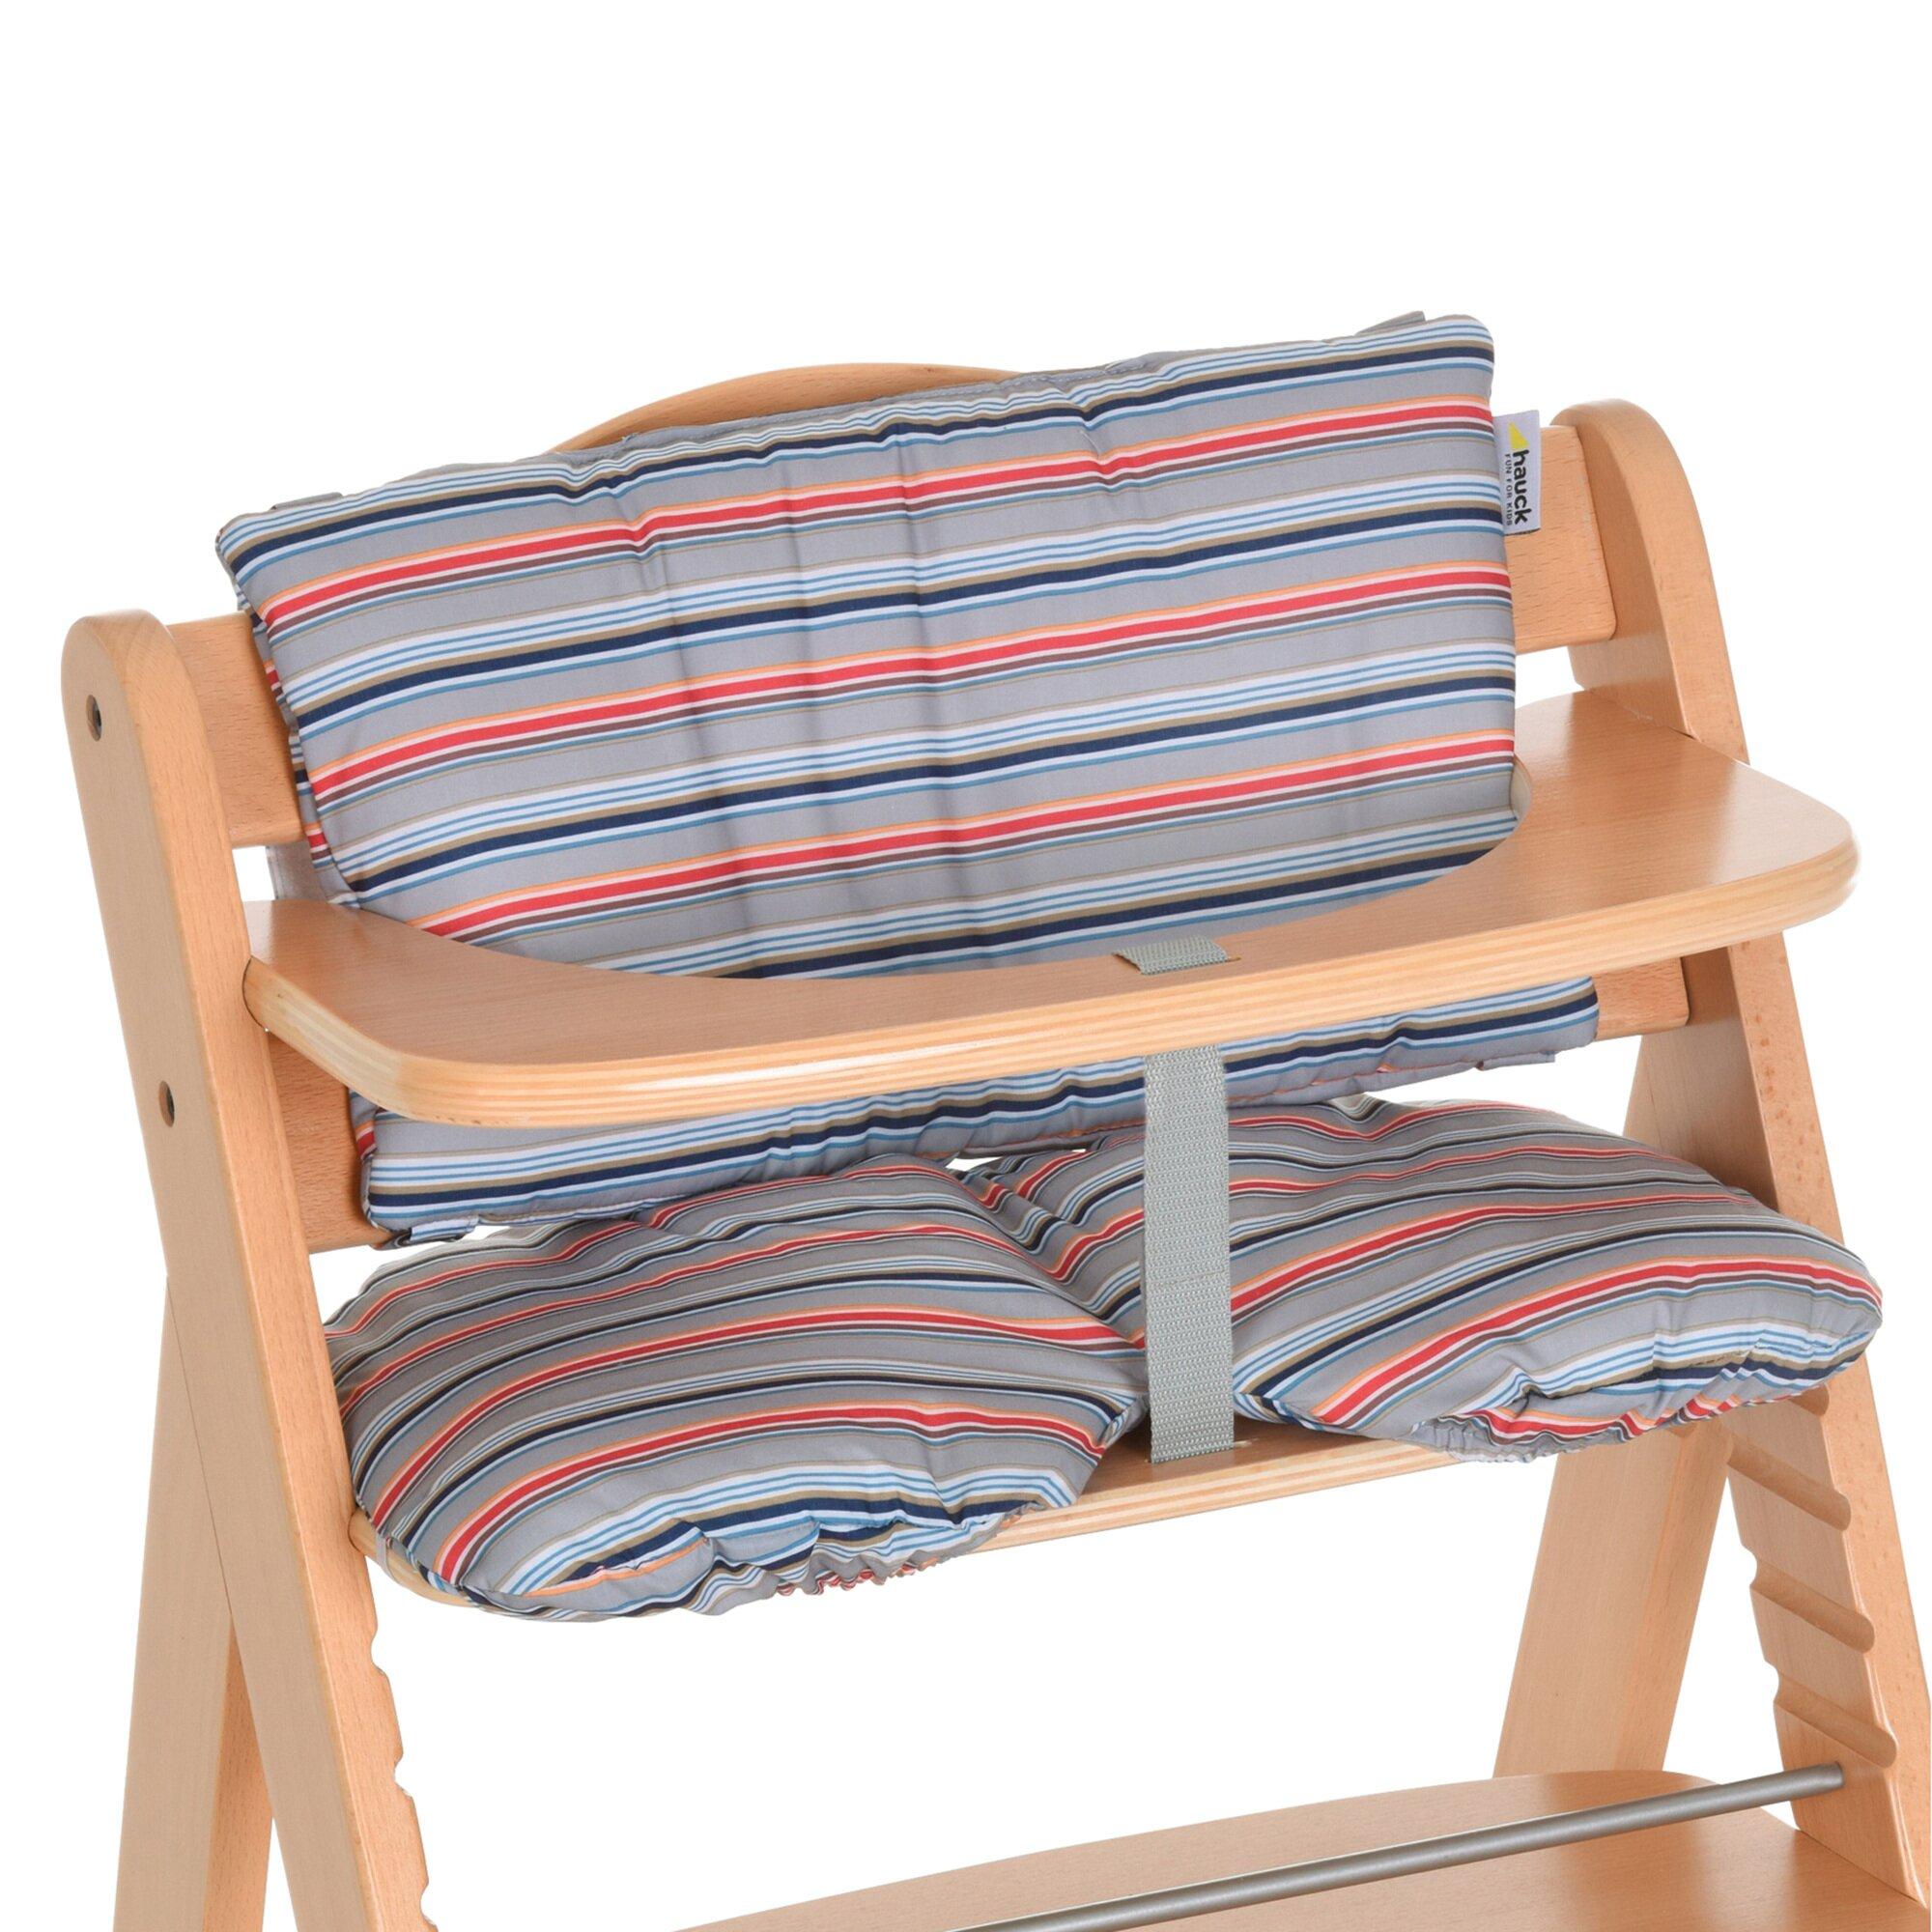 Hauck Sitzkissen multi stripe grey